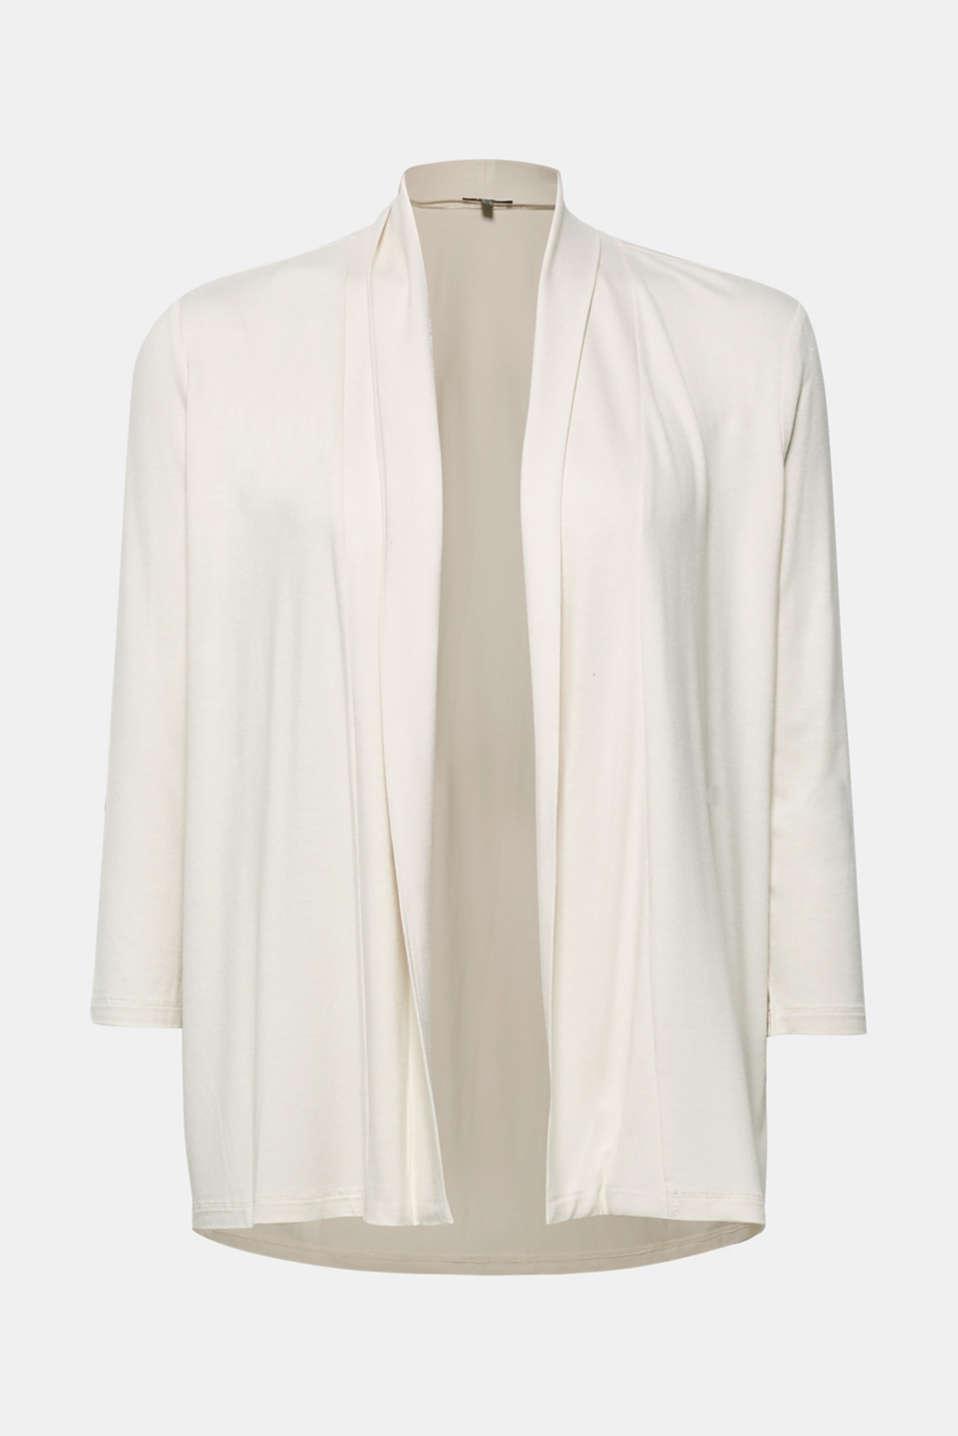 T-Shirts, LIGHT BEIGE, detail image number 6